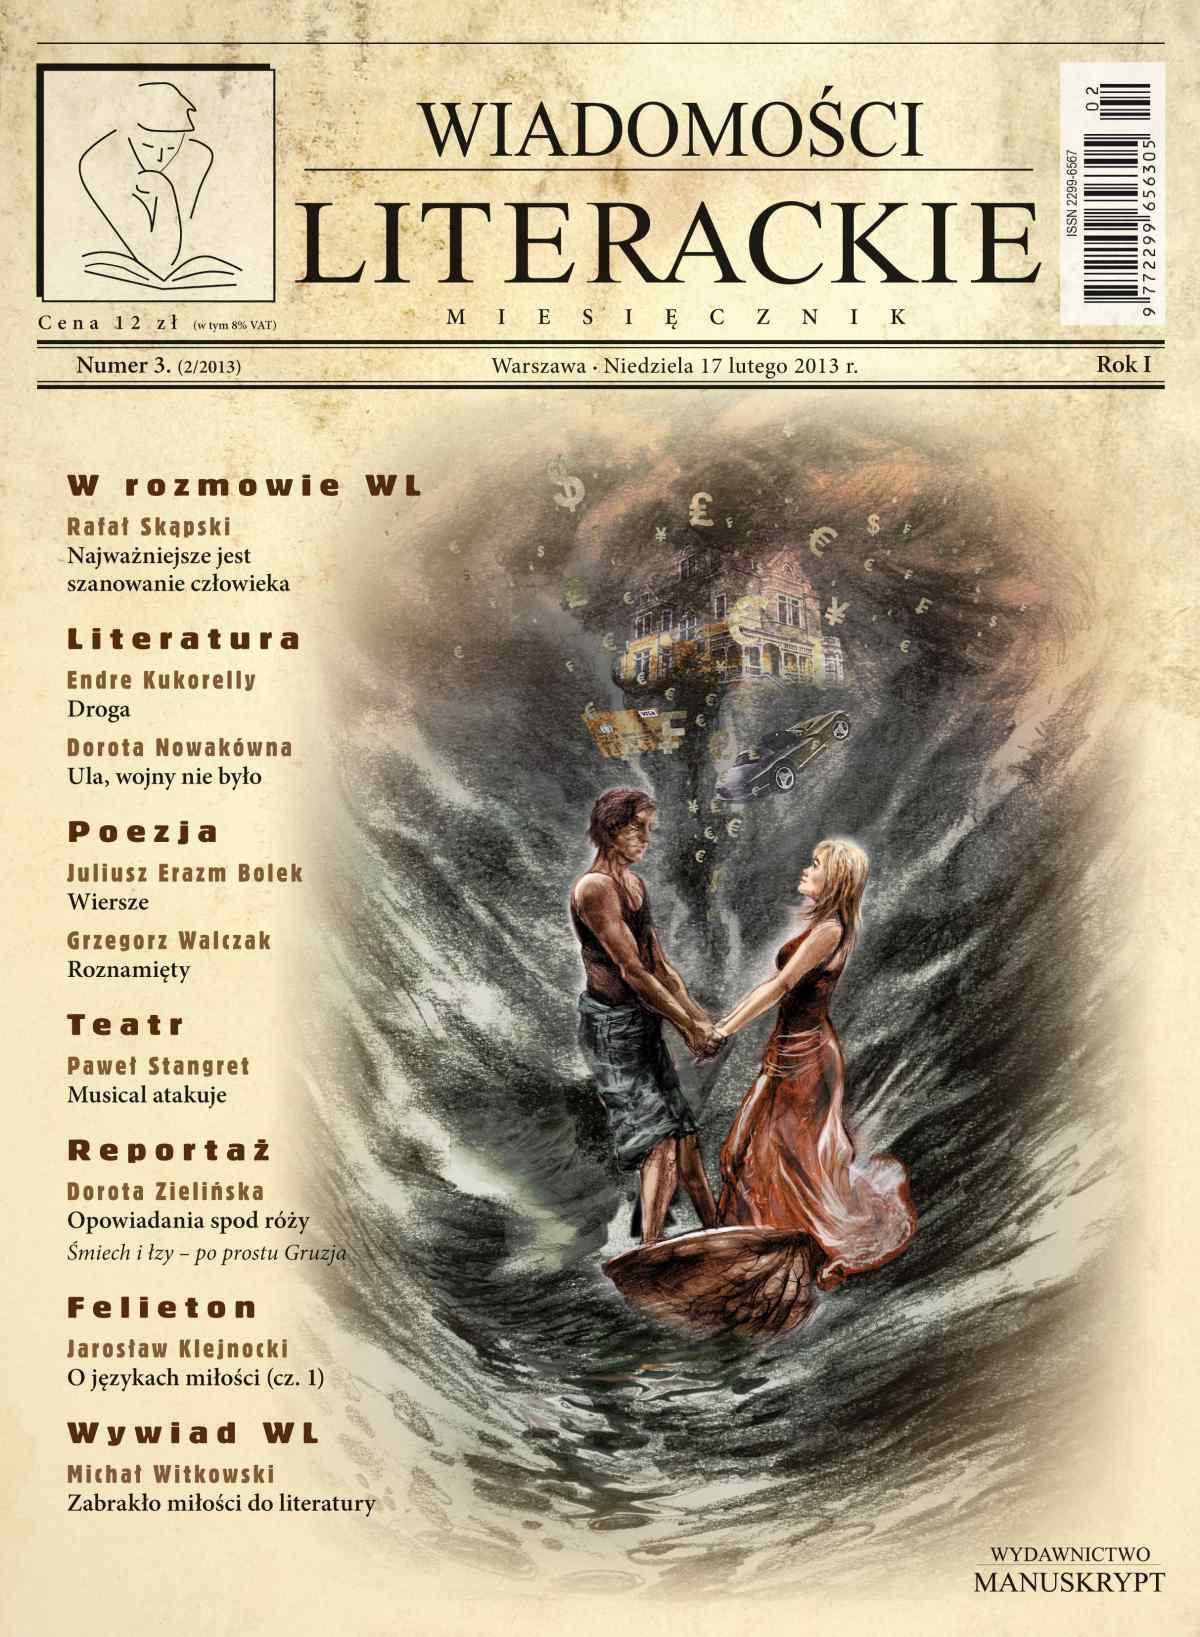 Wiadomości Literackie 3 (2/2013) - Ebook (Książka na Kindle) do pobrania w formacie MOBI